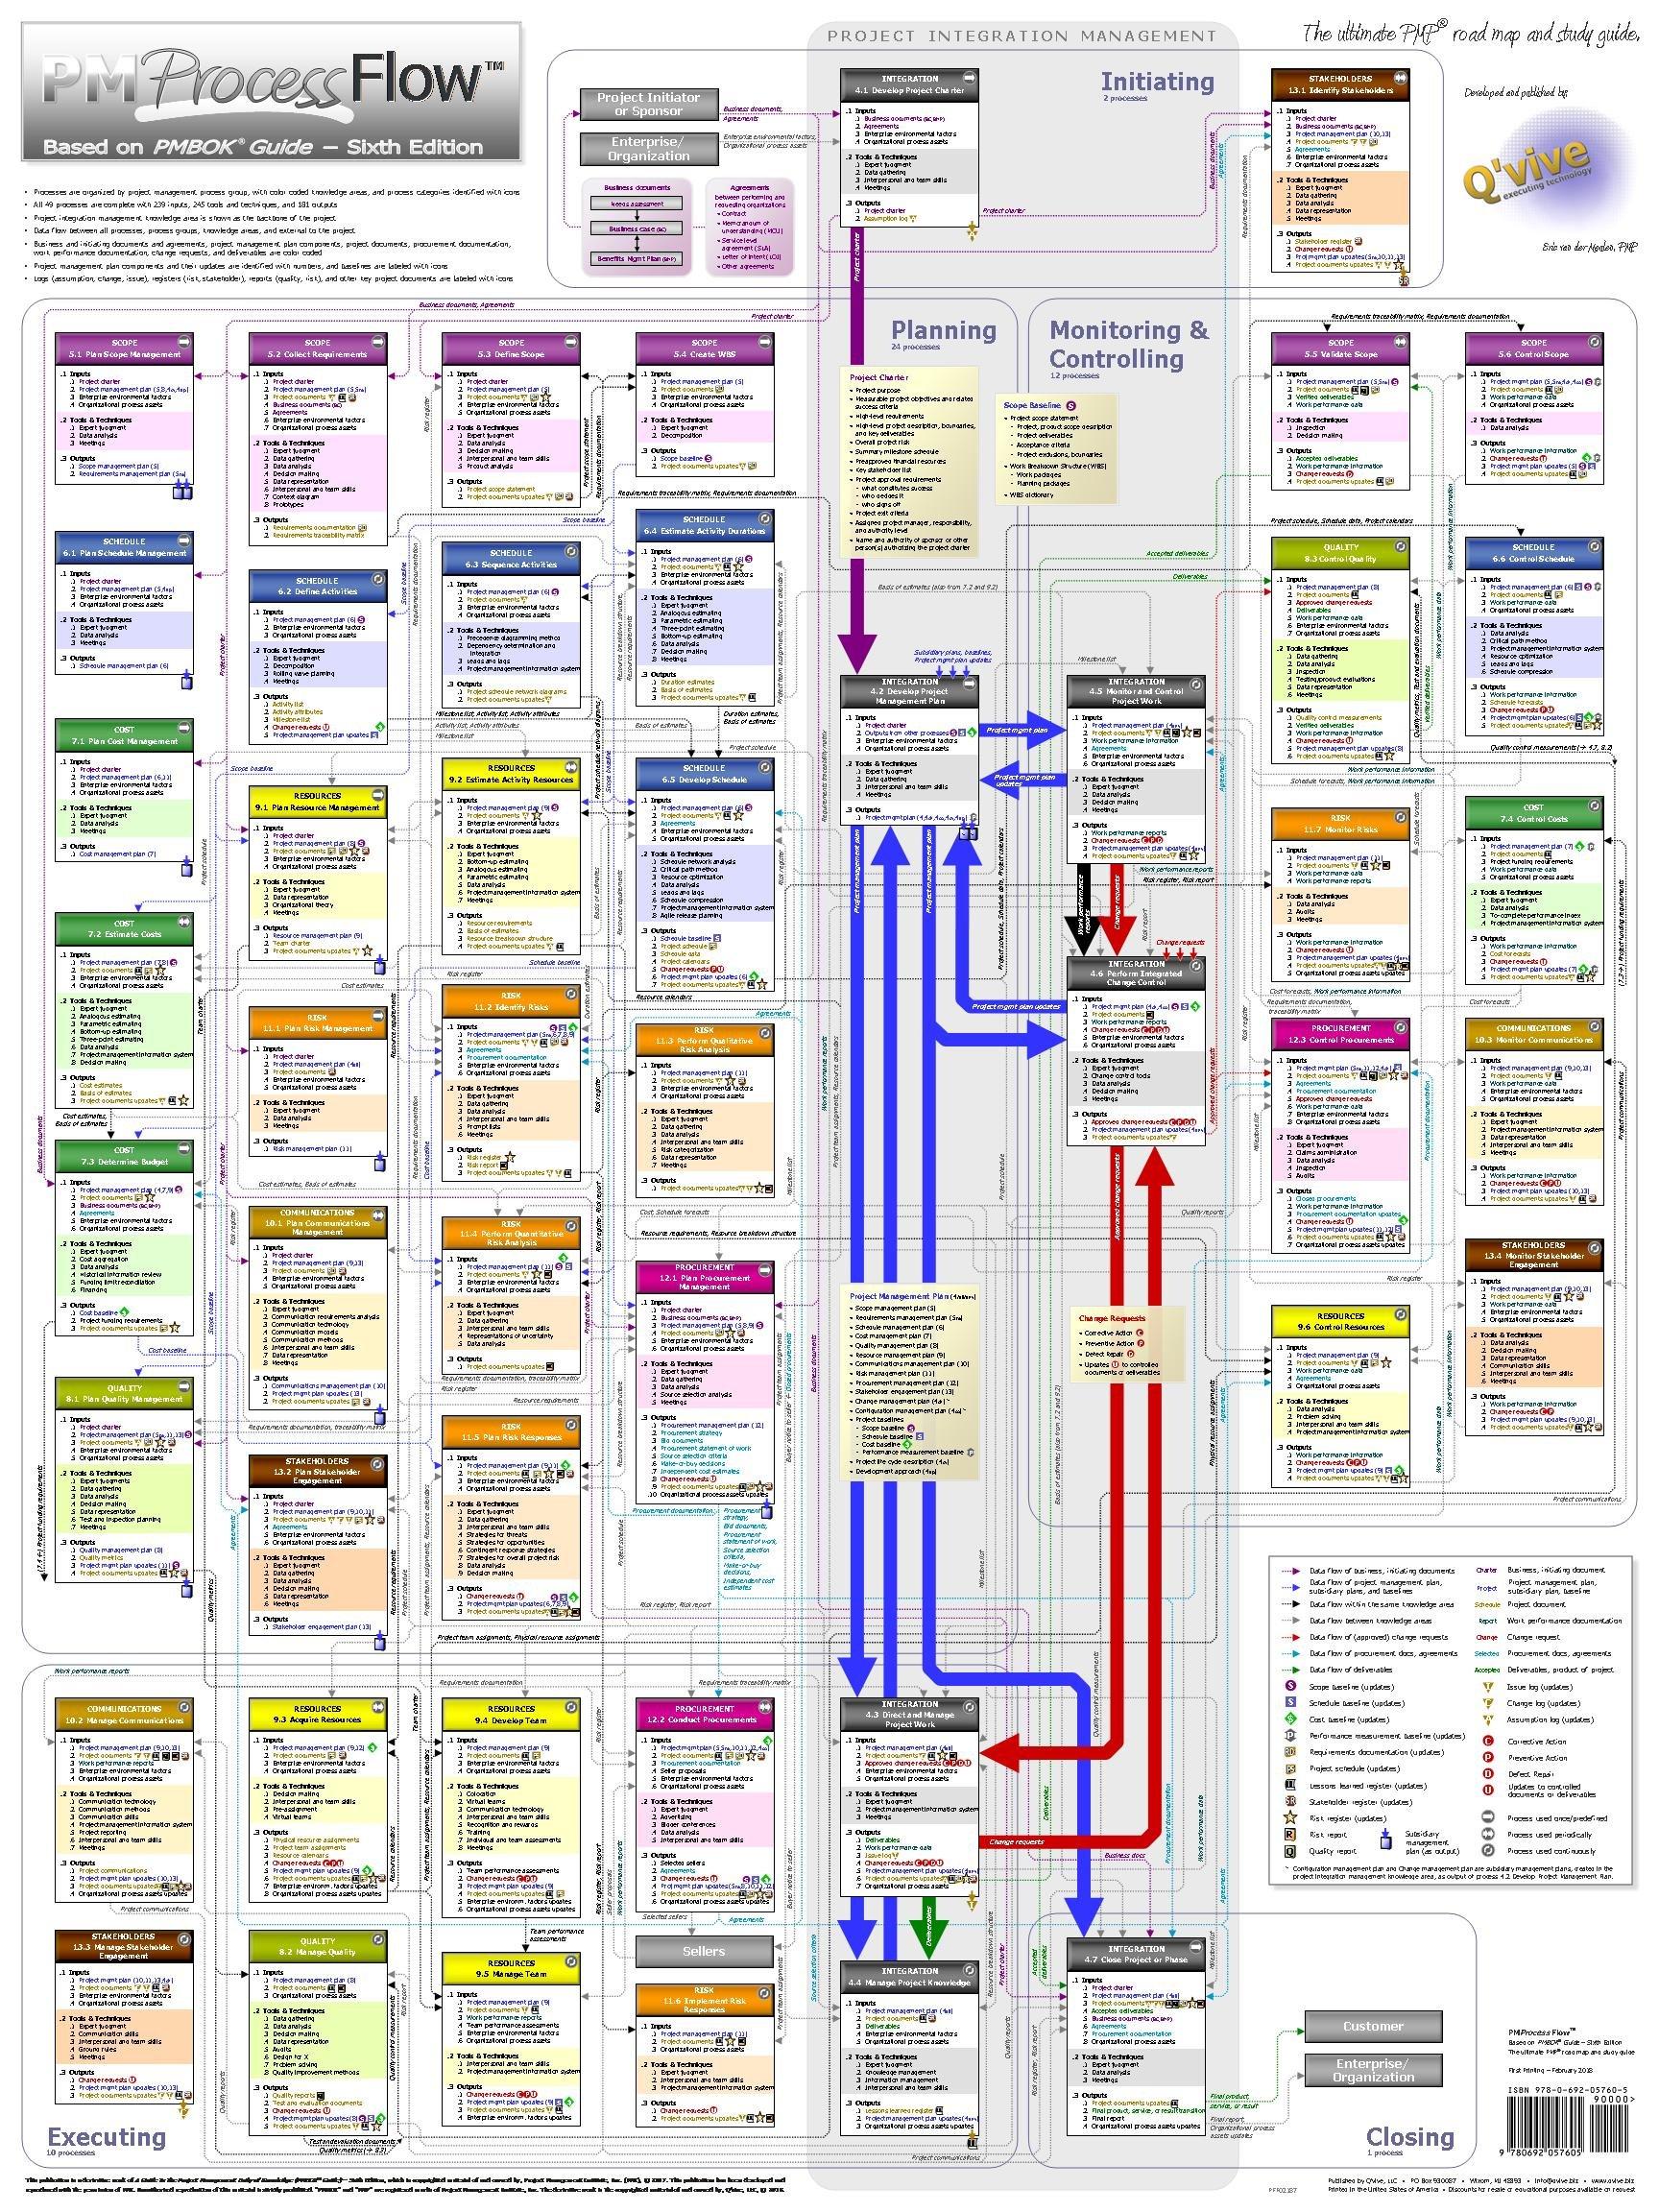 Amazon com: Project Management PM Process Flow - The